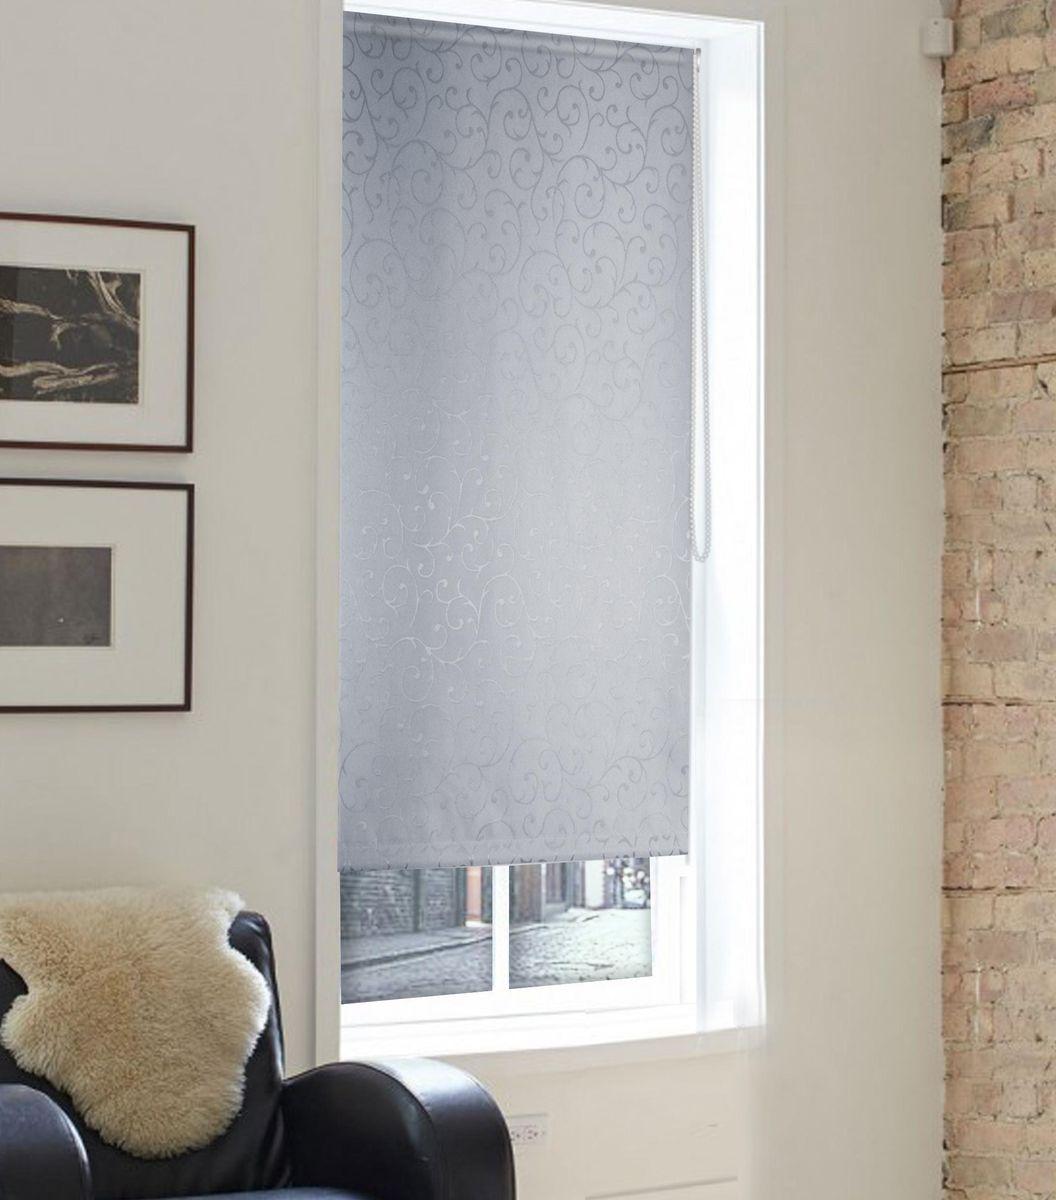 Штора рулонная Эскар Агат, цвет: серый, ширина 140 см, высота 160 см87022140160Рулонными шторами можно оформлять окна как самостоятельно, так и использовать в комбинации с портьерами. Это поможет предотвратить выгорание дорогой ткани на солнце и соединит функционал рулонных с красотой навесных. Преимущества применения рулонных штор для пластиковых окон: - имеют прекрасный внешний вид: многообразие и фактурность материала изделия отлично смотрятся в любом интерьере; - многофункциональны: есть возможность подобрать шторы способные эффективно защитить комнату от солнца, при этом она не будет слишком темной. - Есть возможность осуществить быстрый монтаж. ВНИМАНИЕ! Размеры ширины изделия указаны по ширине ткани! Во время эксплуатации не рекомендуется полностью разматывать рулон, чтобы не оторвать ткань от намоточного вала. В случае загрязнения поверхности ткани, чистку шторы проводят одним из способов, в зависимости от типа загрязнения: легкое поверхностное загрязнение можно удалить при...